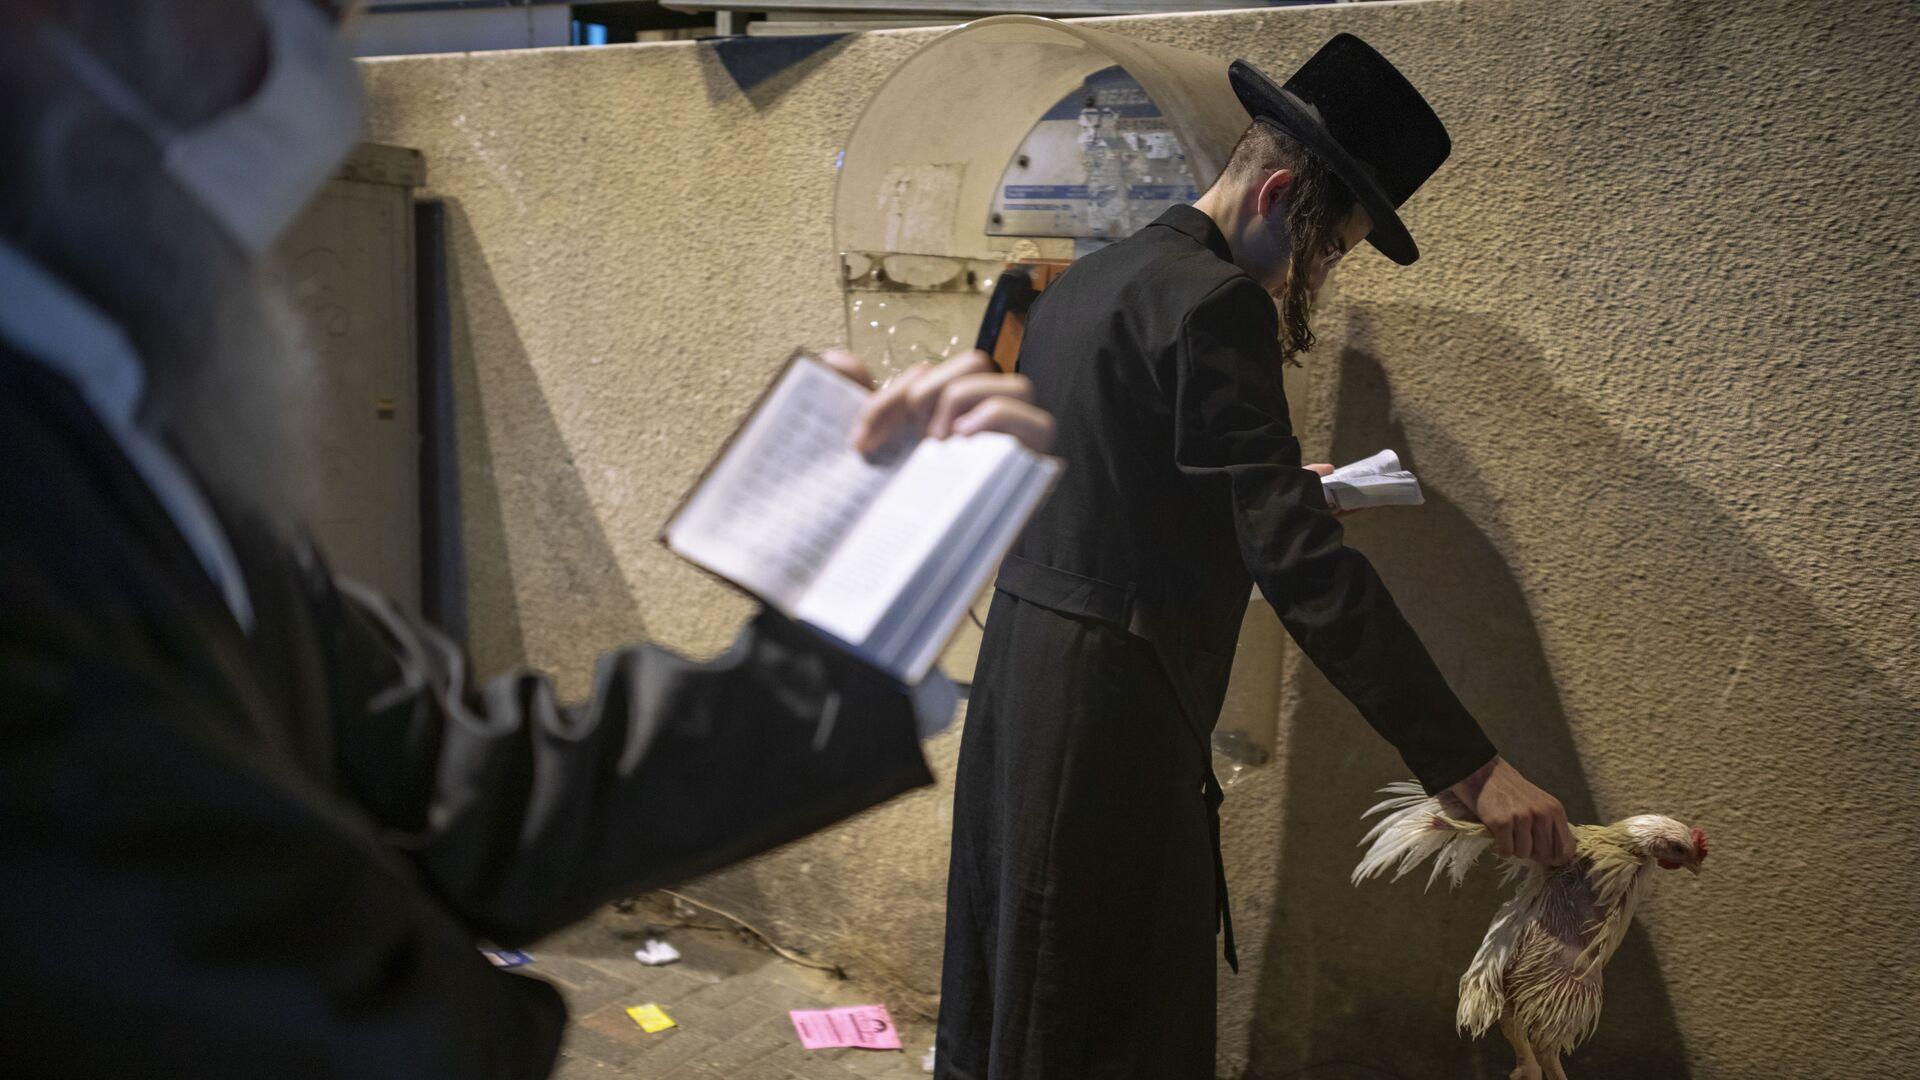 Пандемия COVID-19. Верующие евреи за молитвой в масках из-за коронавируса. Бней-Брак, Израиль - Sputnik Грузия, 1920, 16.05.2021